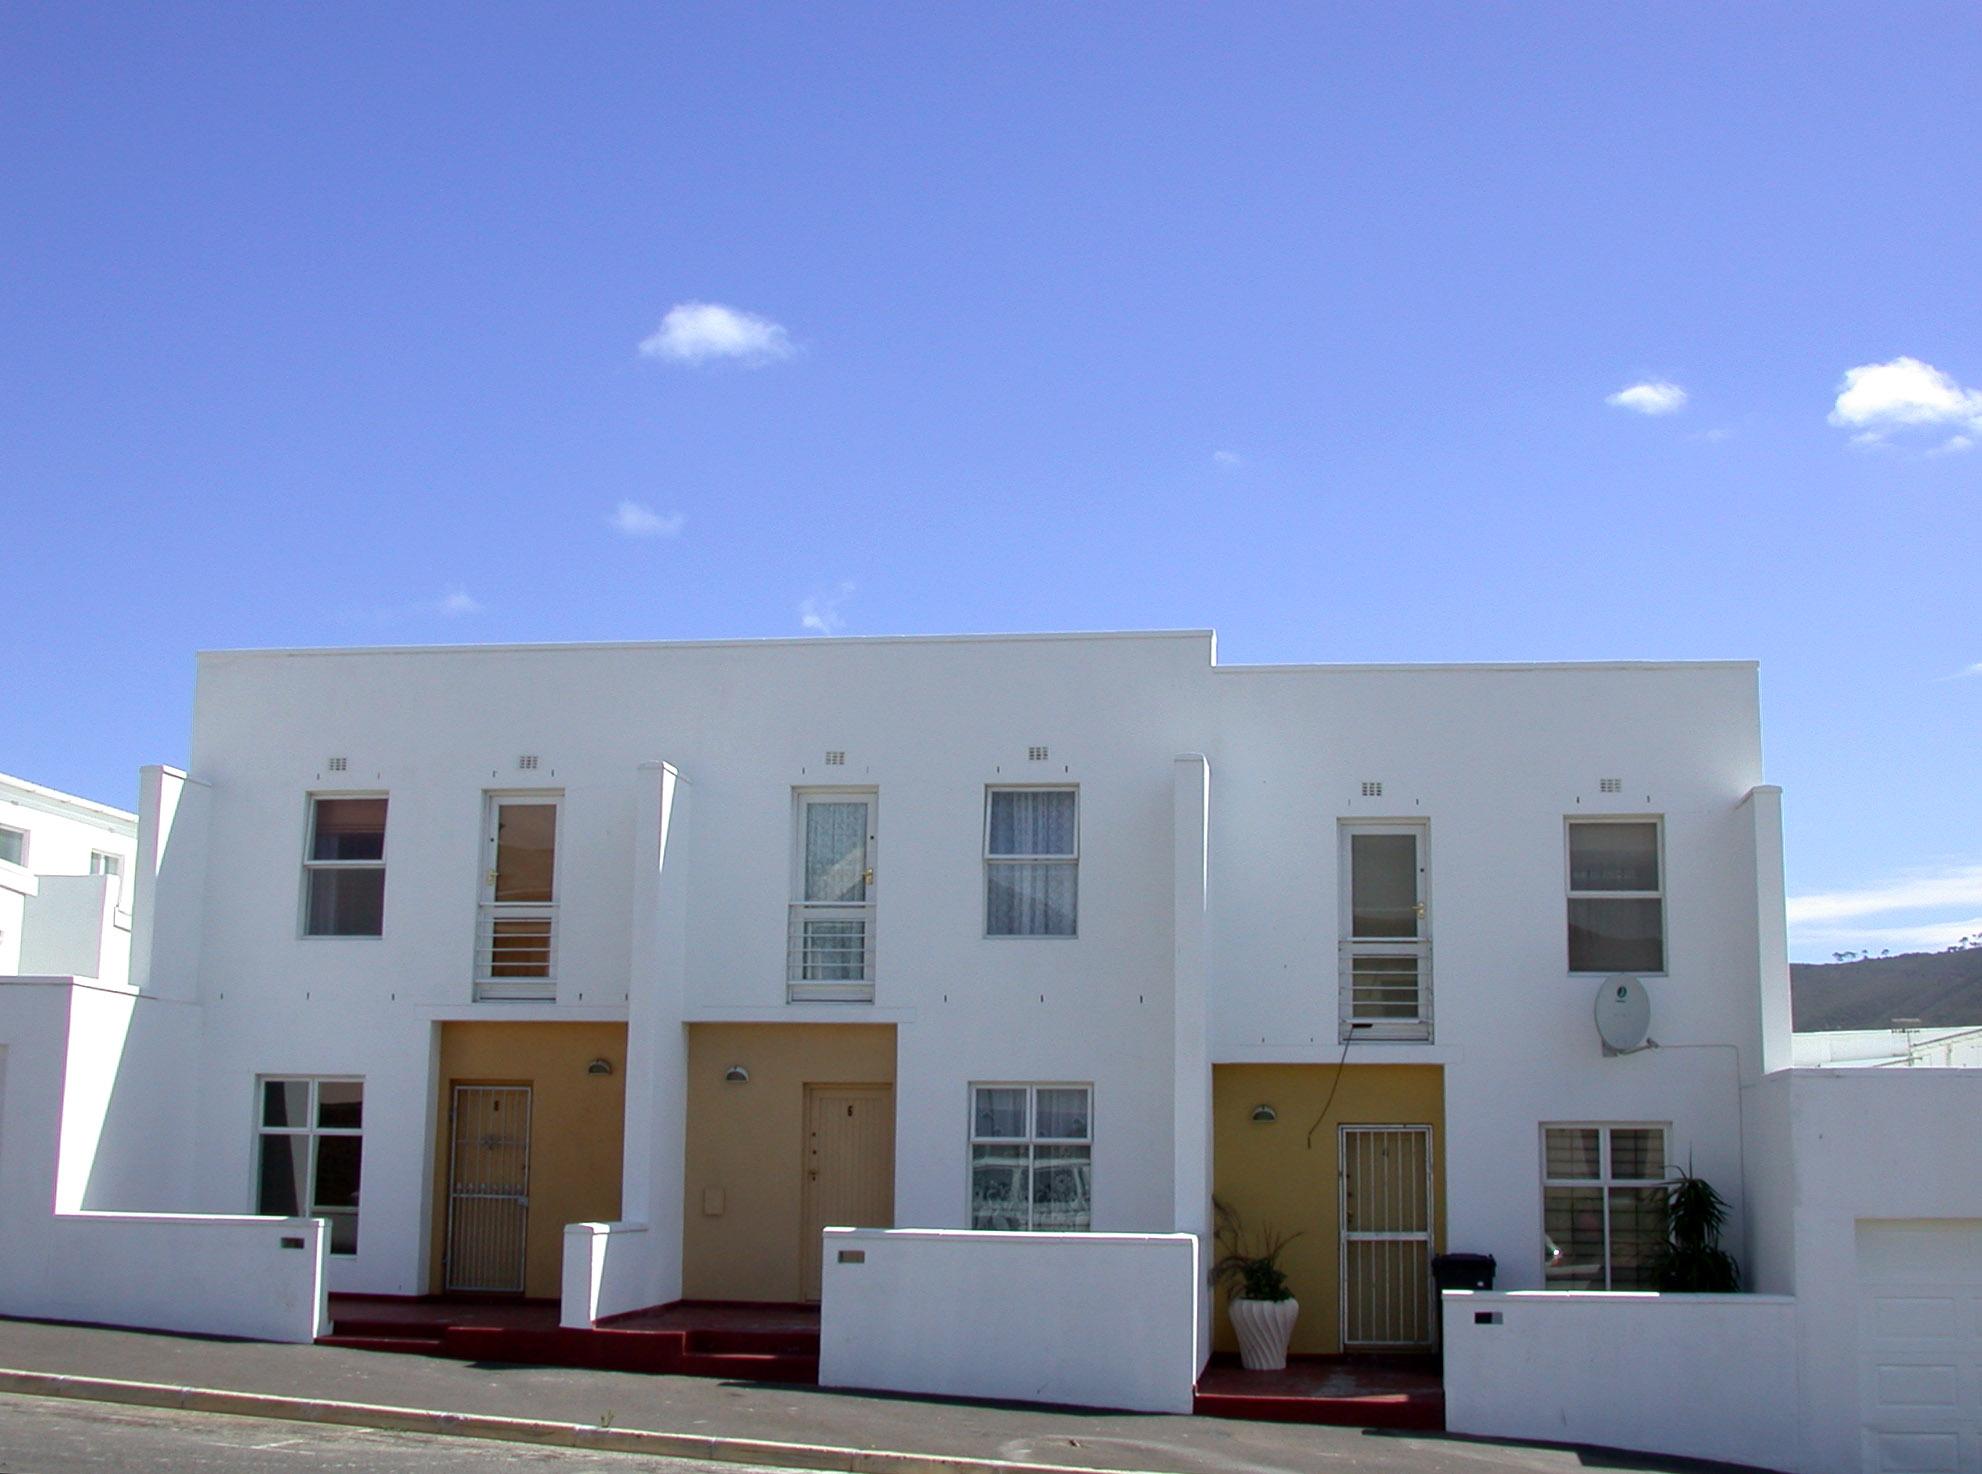 Rutger Street Elevation